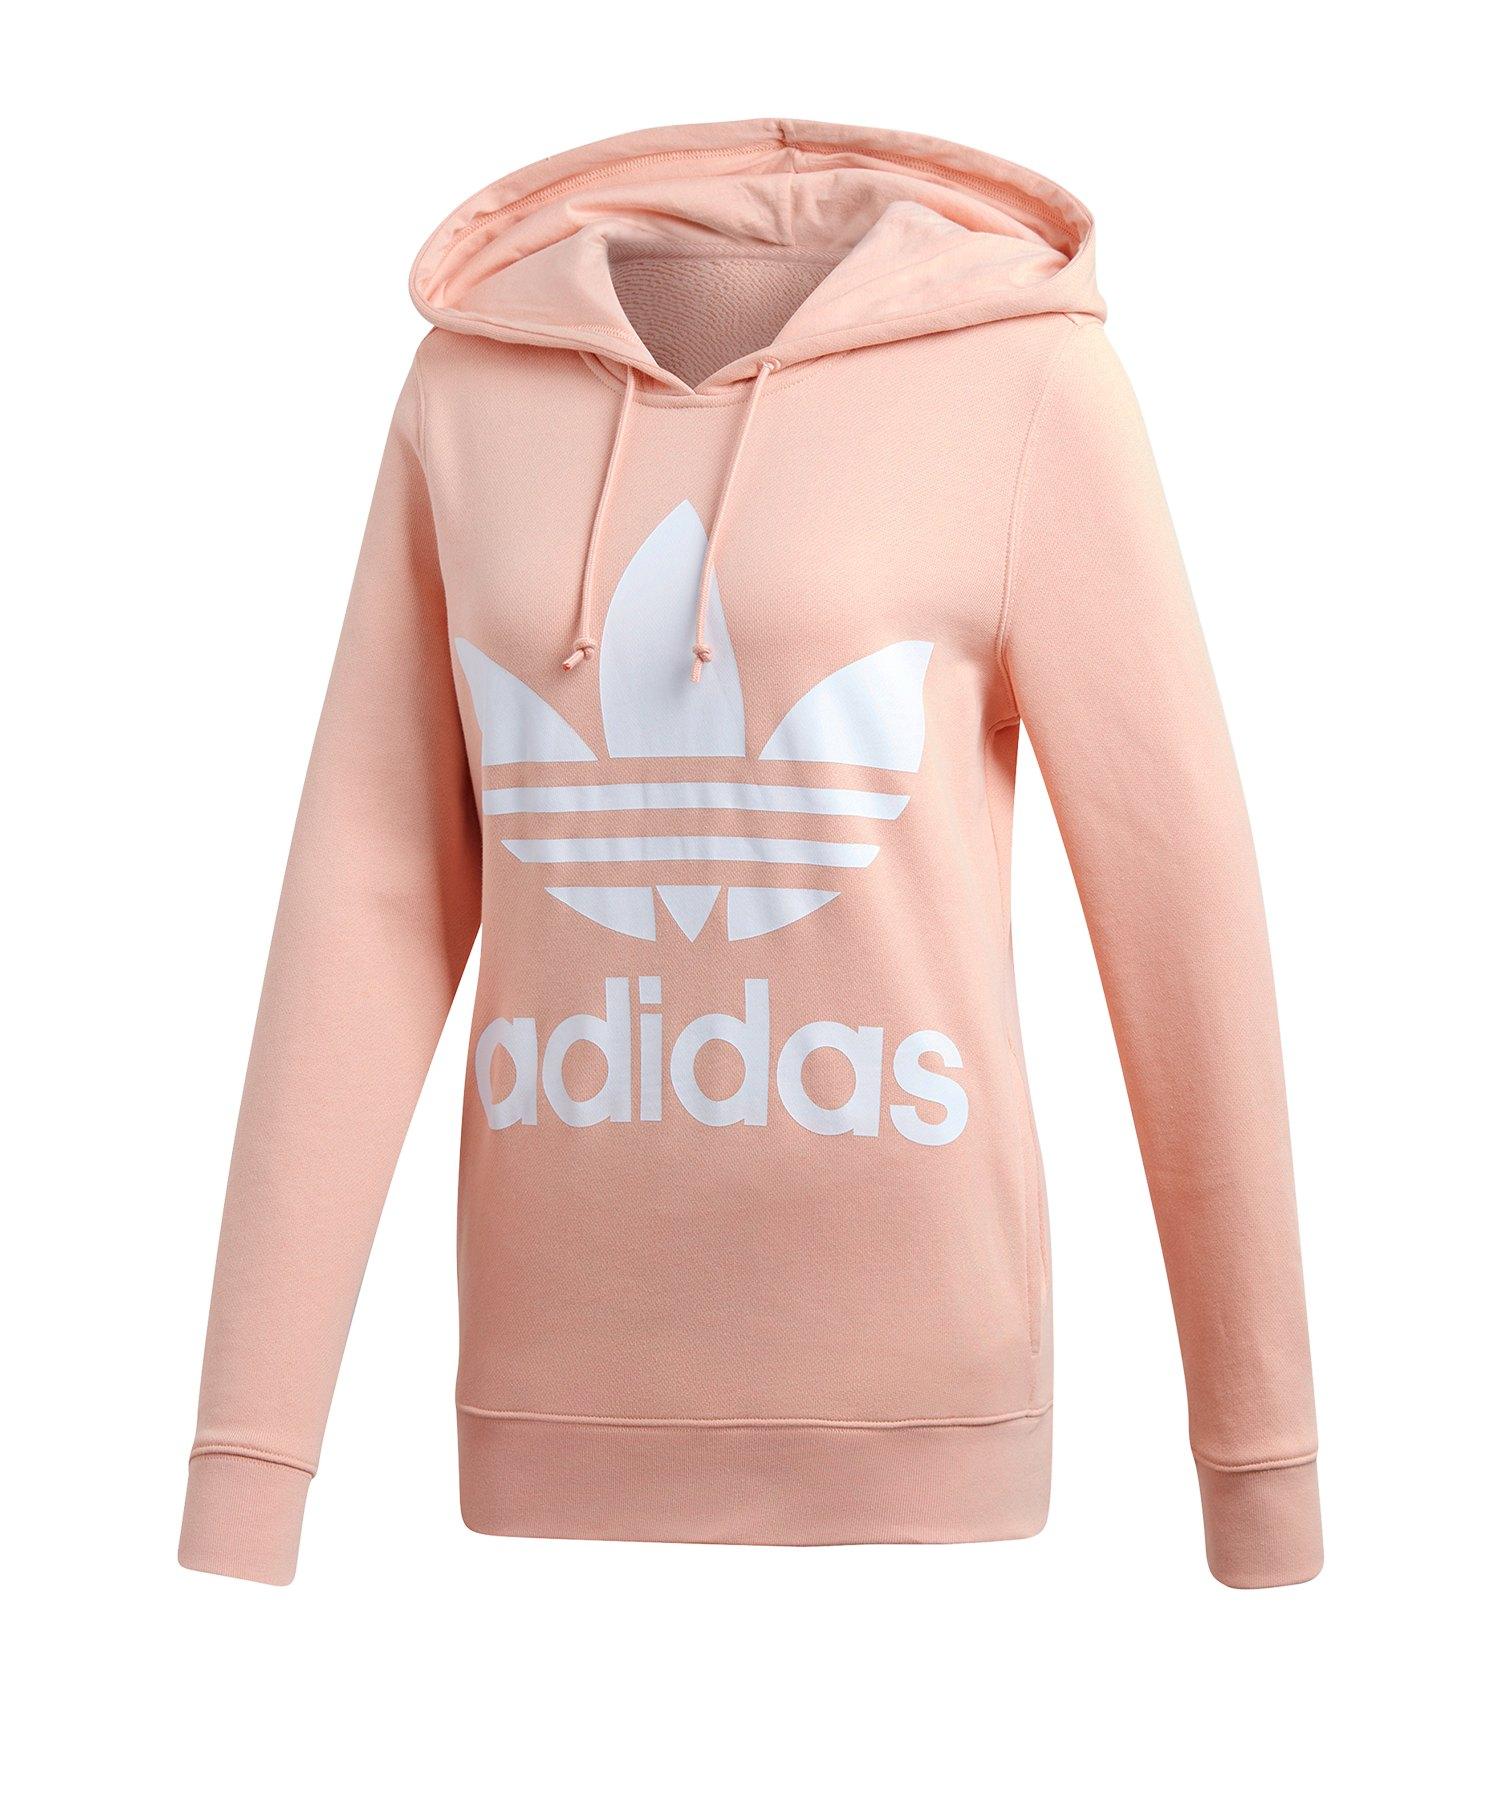 um 50 Prozent reduziert suche nach echtem Online kaufen adidas Originals Kapuzensweatshirt Damen Rosa